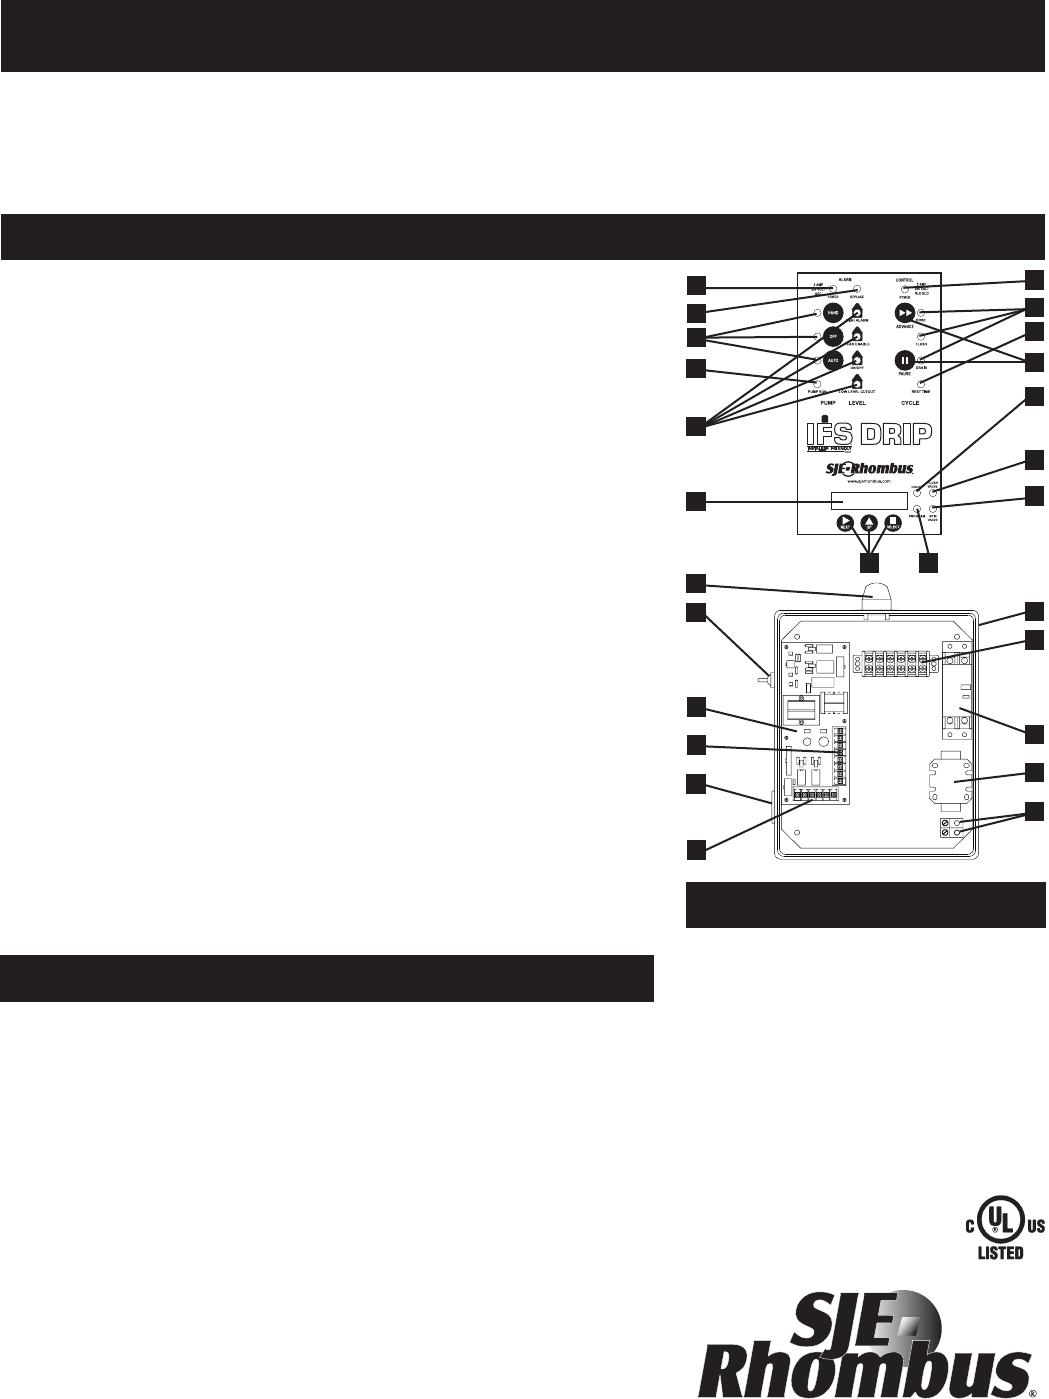 Rhombus Wiring Diagram Warning Light